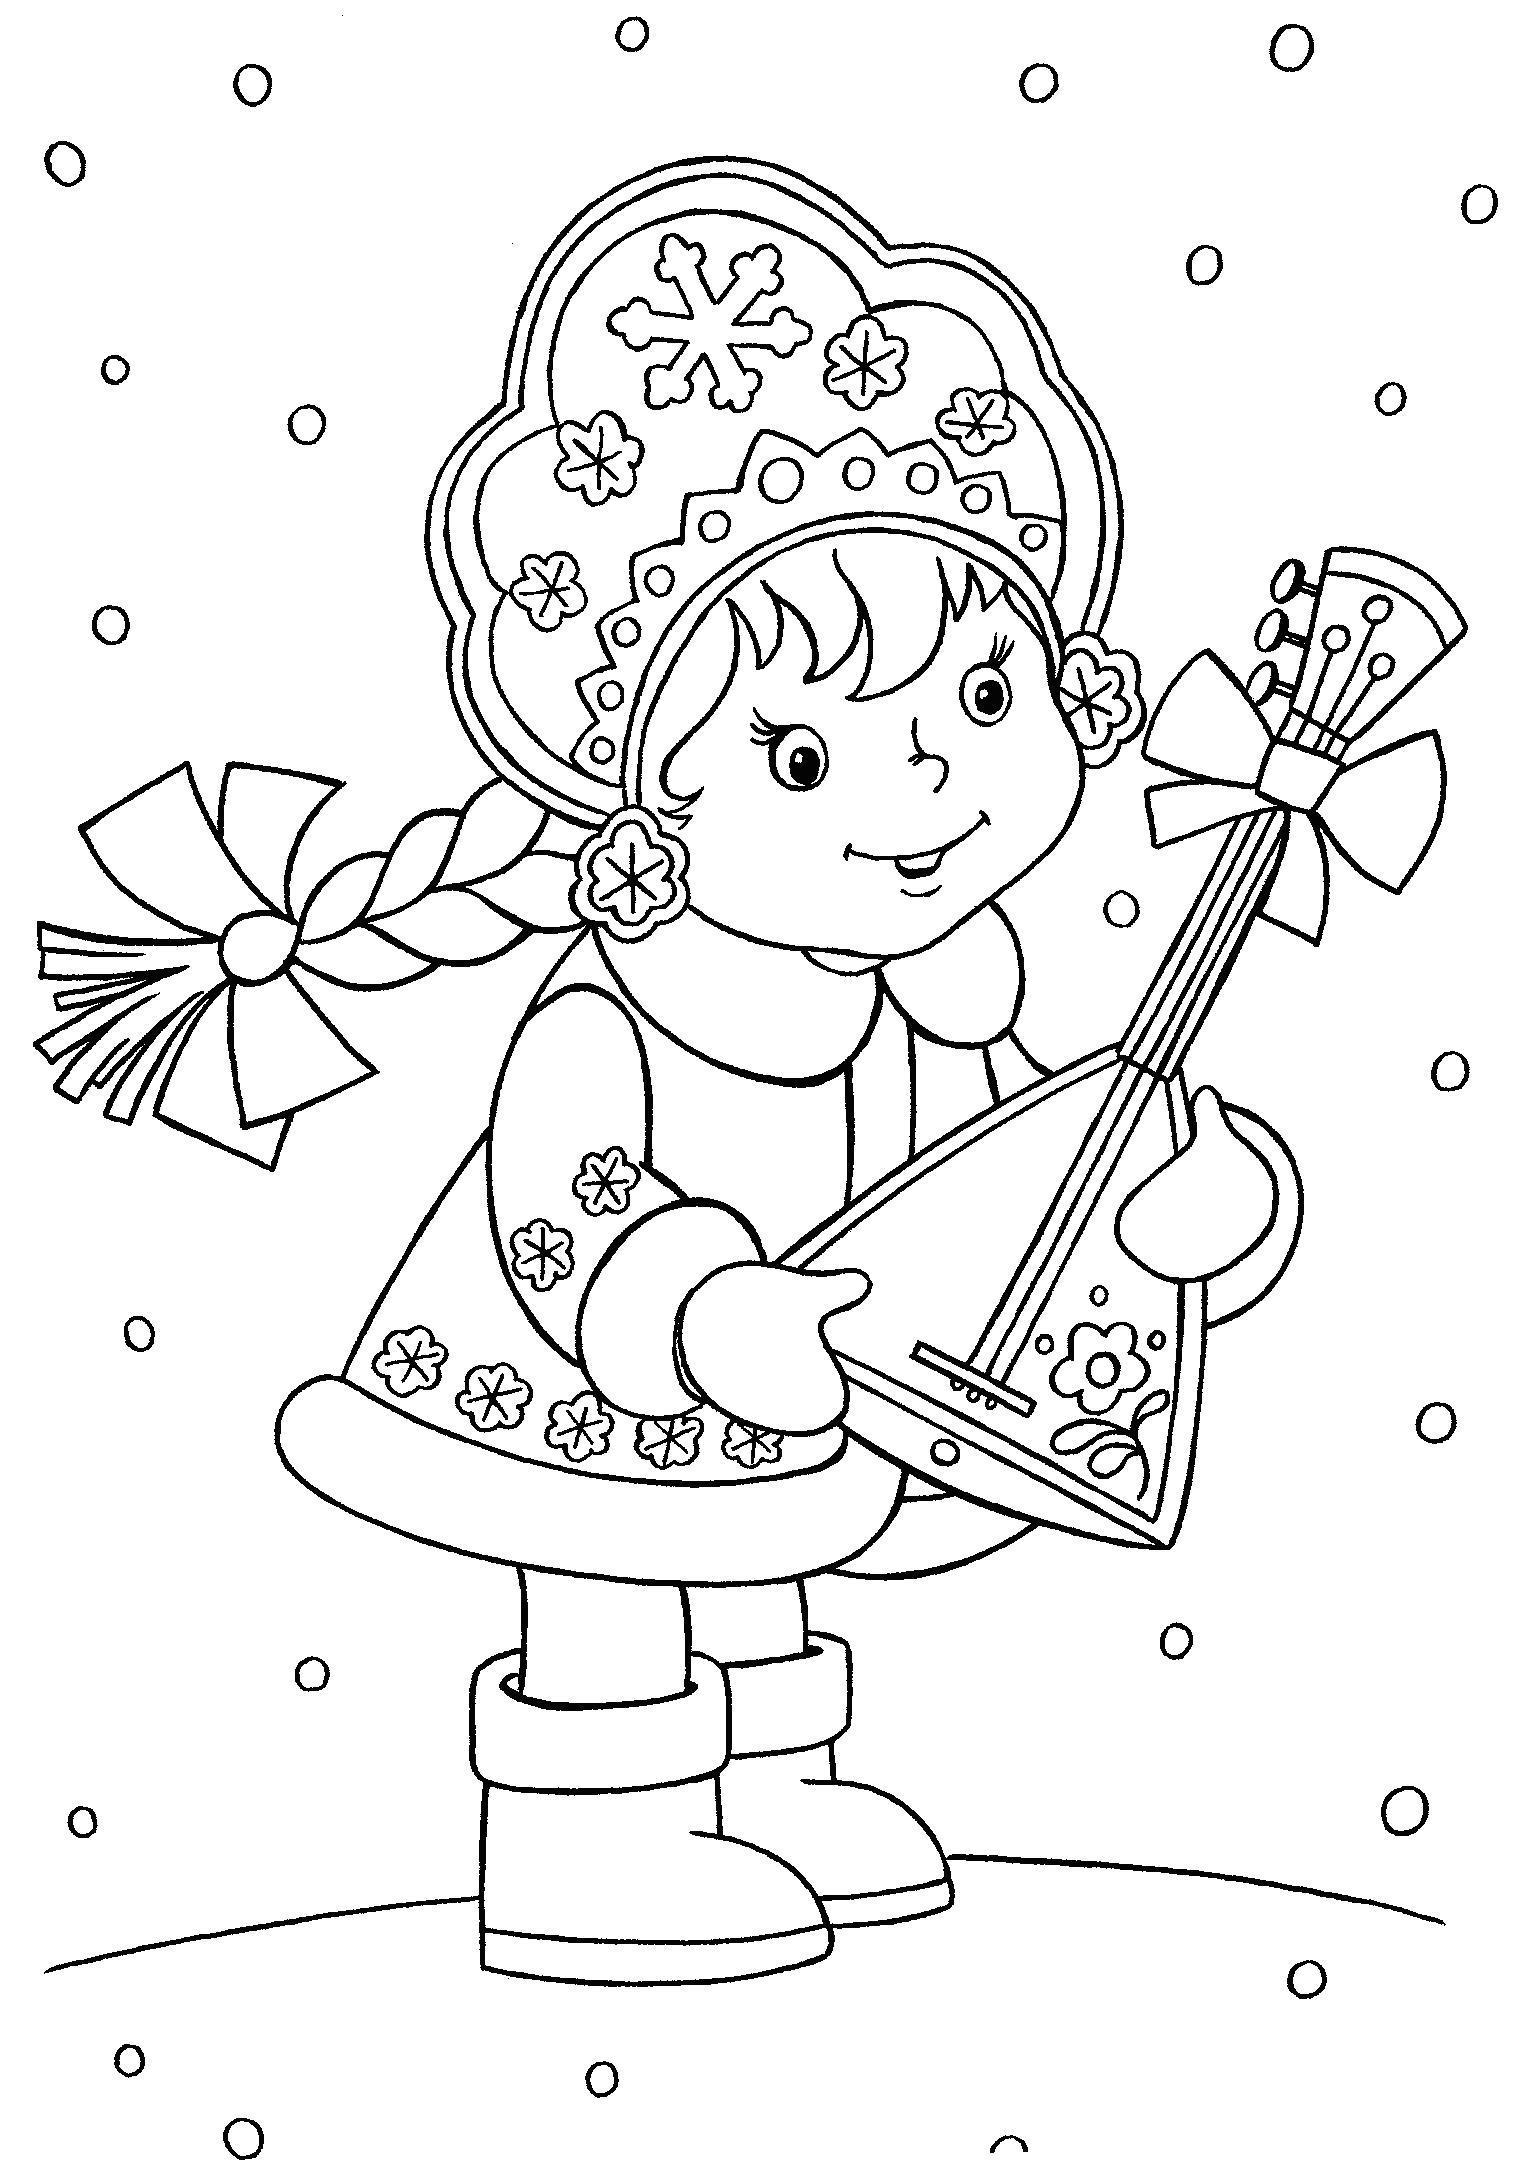 Снегурочка играет на балалайке Раскраски зима скачать бесплатно